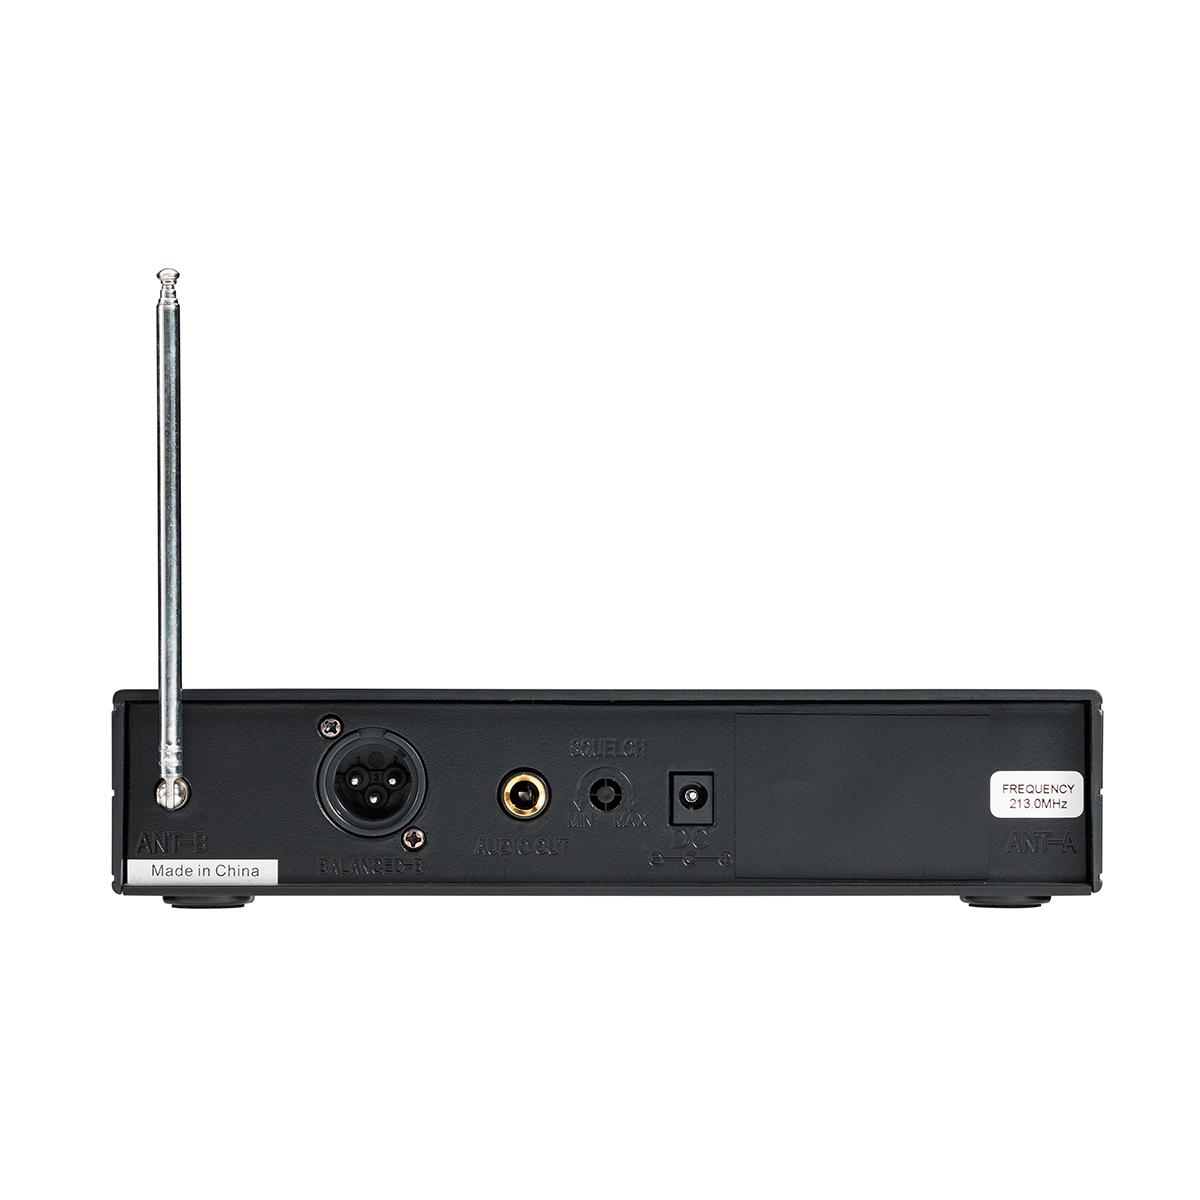 RADIOMIC. VHF SOUNDSATION WF-V11HB TX A MANO 215.50MHz